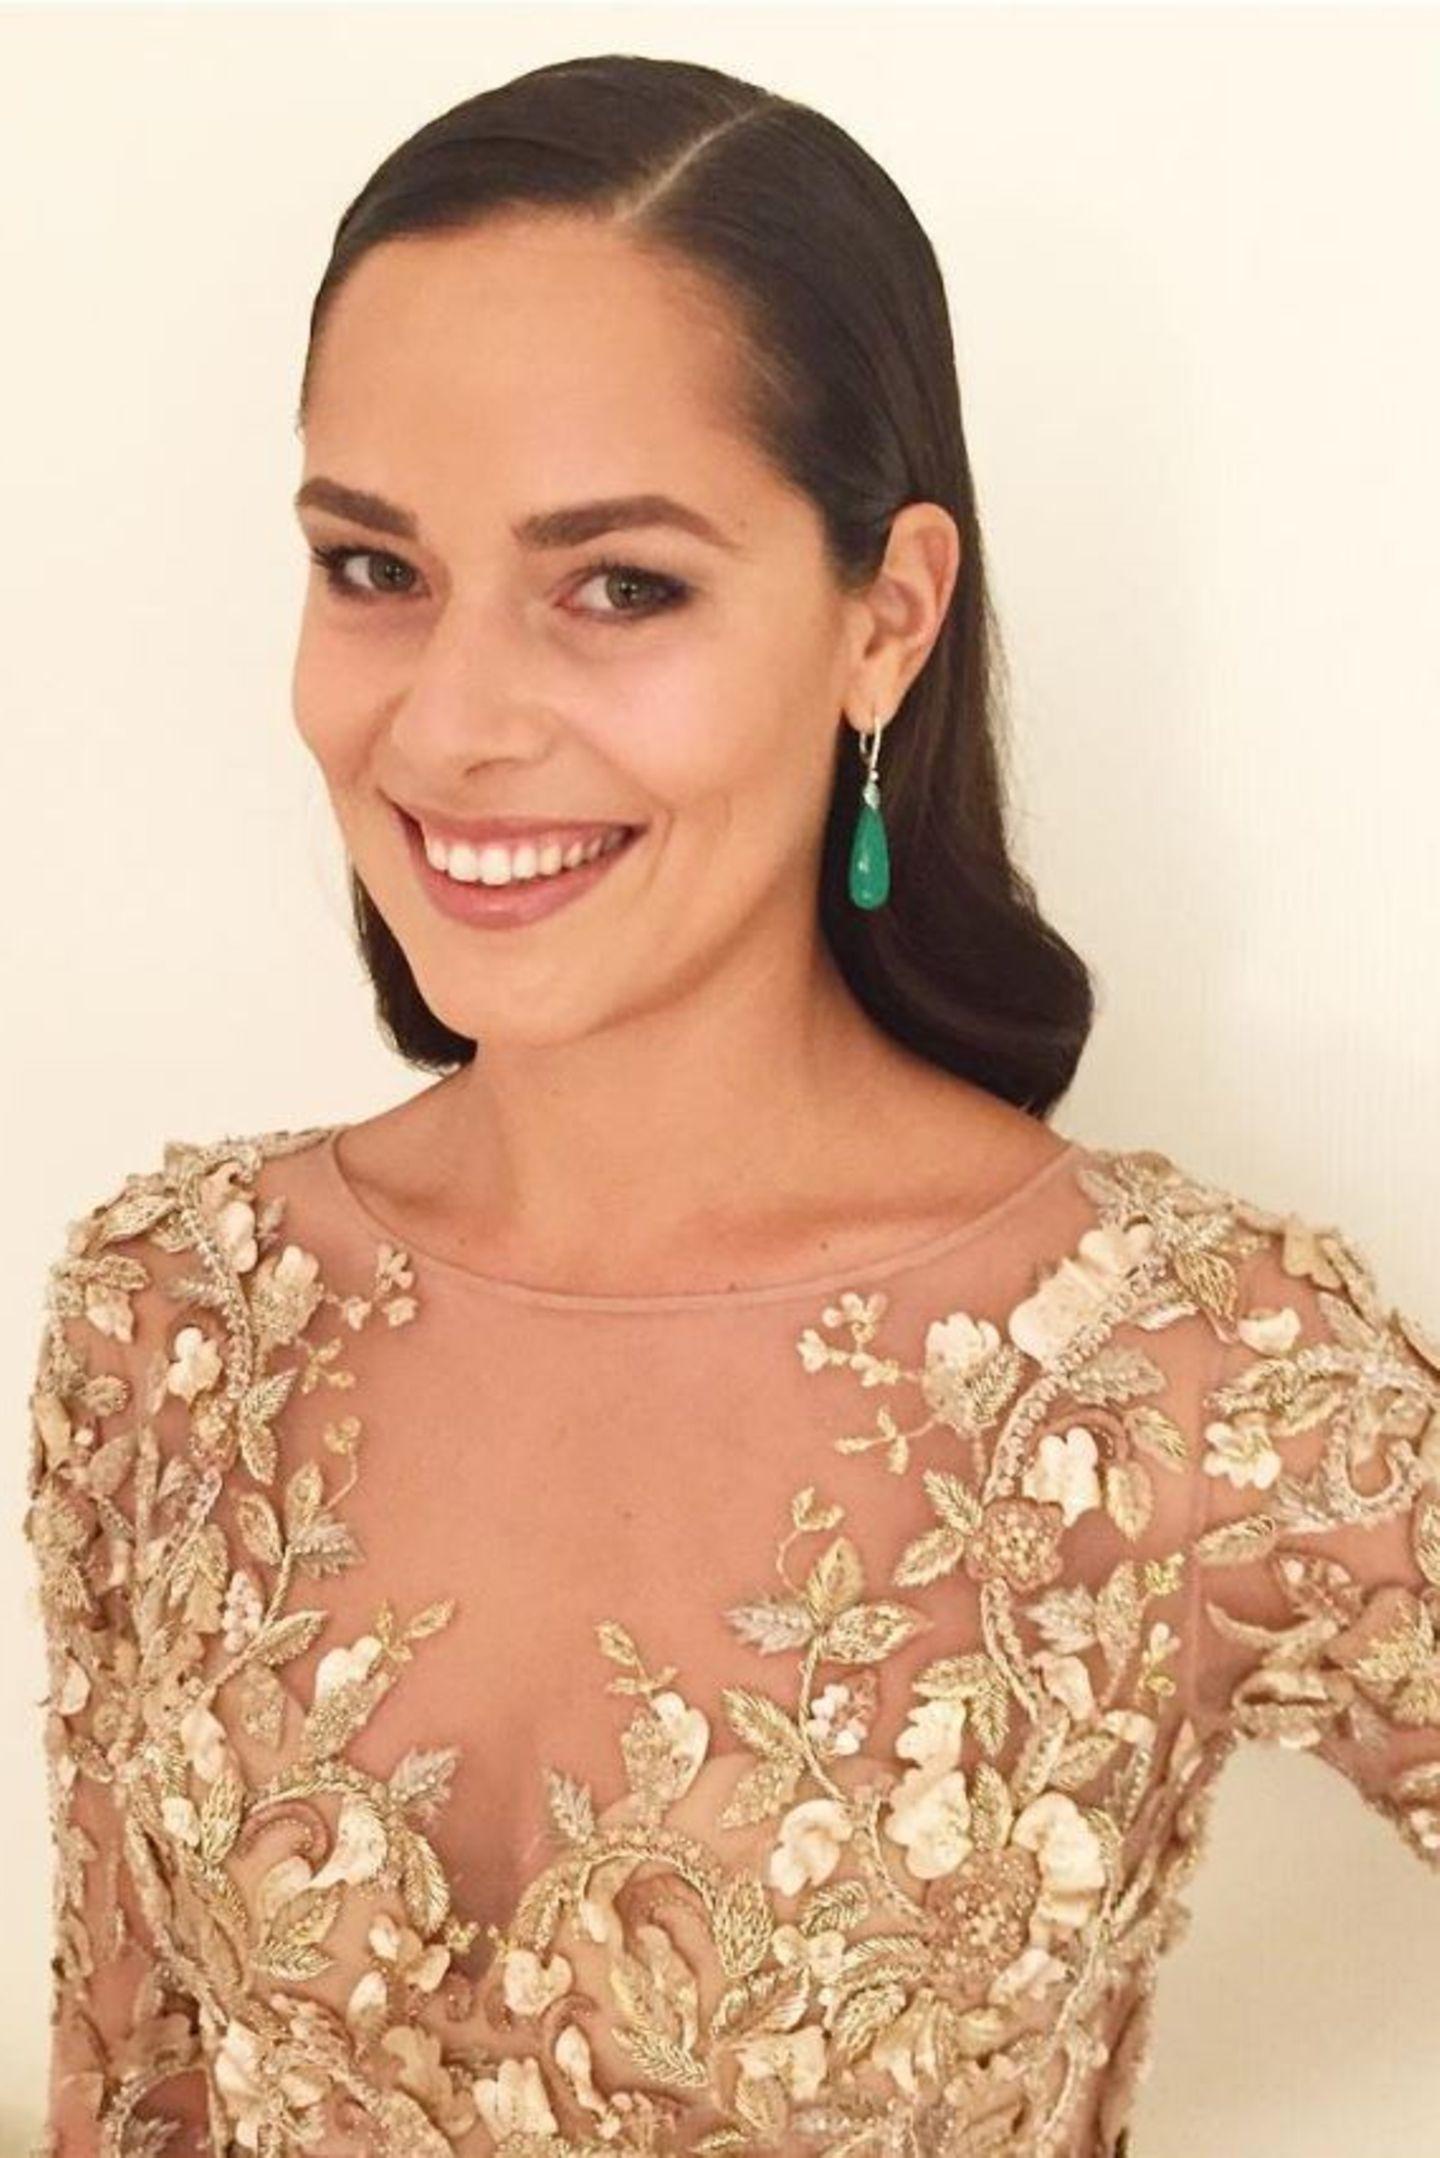 """Obwohl sie es im Alltag lieber natürlich hat, zeigt Ana mit diesem Bild von den """"Bambi""""-Awards, dass sie auch glamourös kann. Ein leichtes Make-Up und ein tolles, goldenes Kleid - schon ist der Look perfekt."""